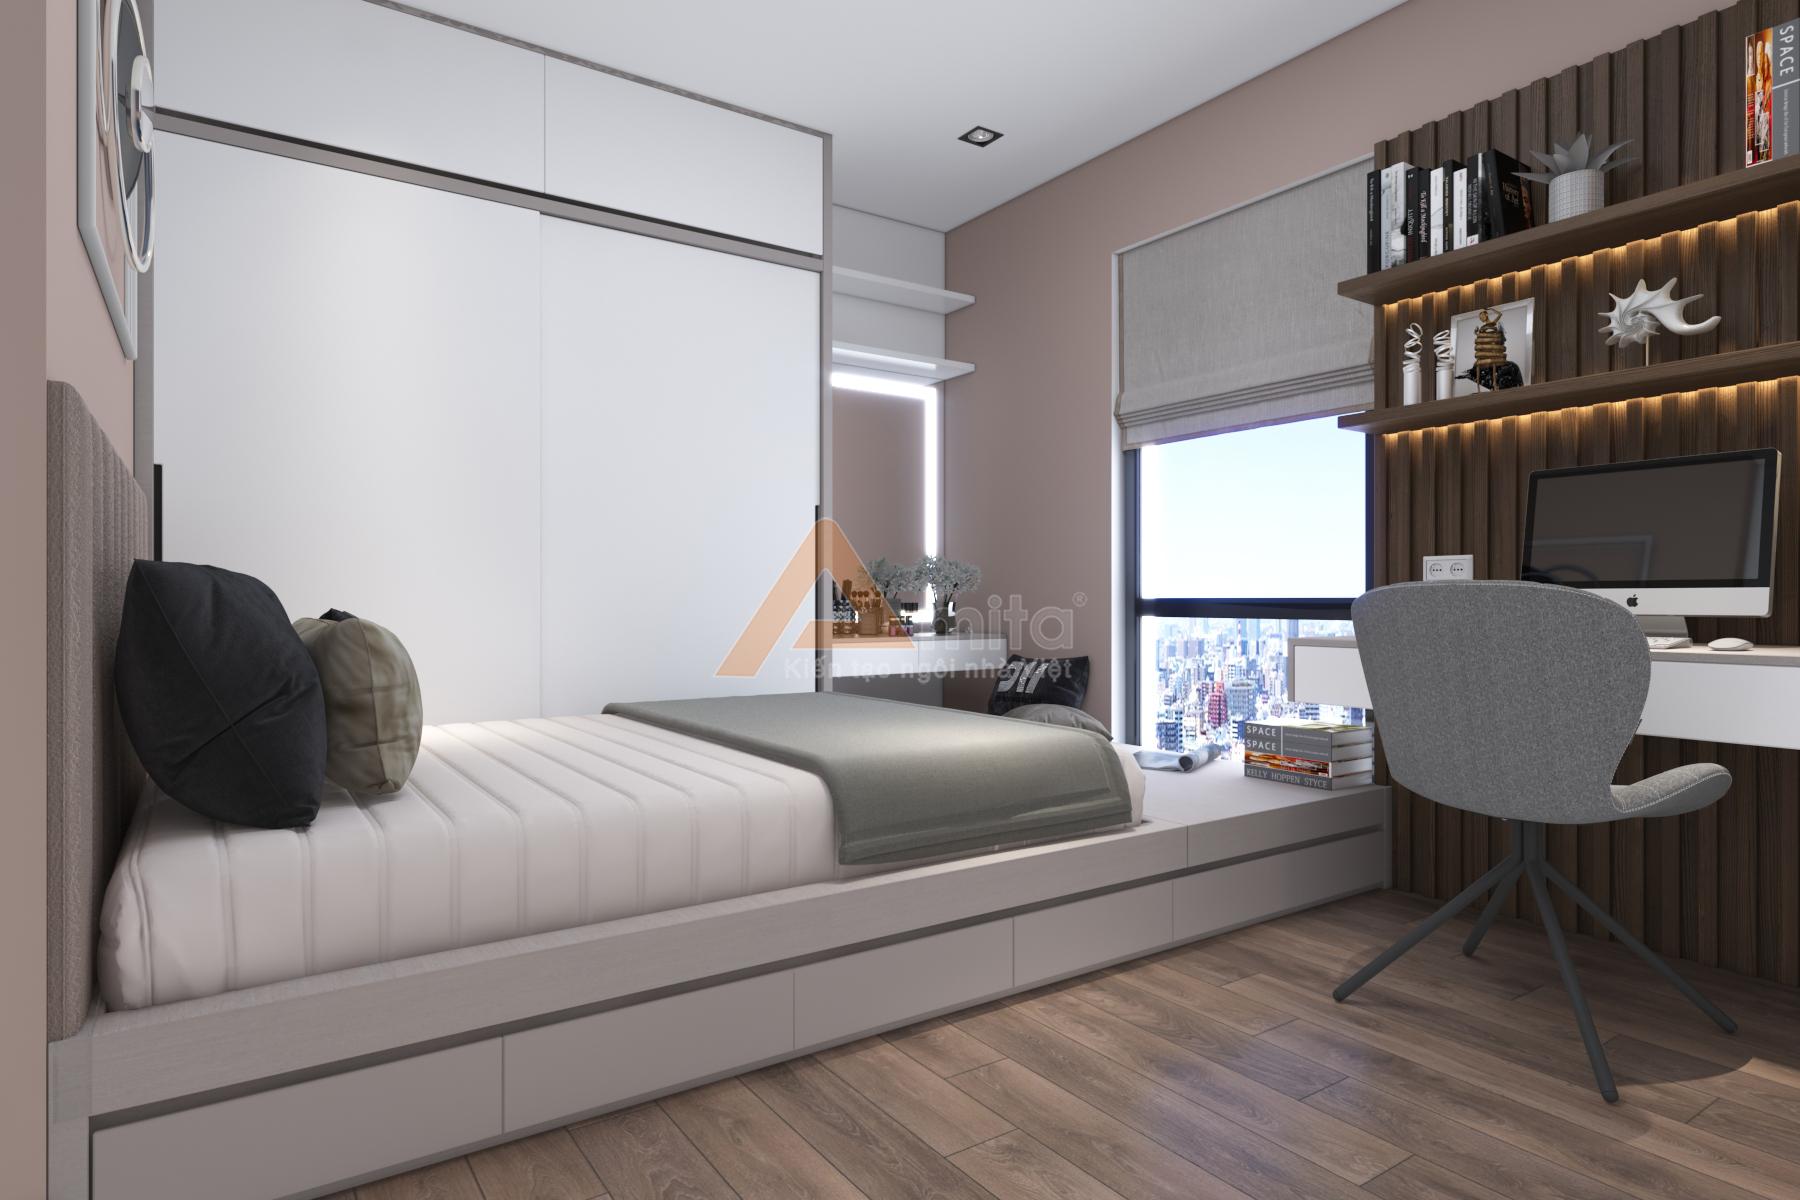 thiết kế nội thất chung cư tại Hà Nội Chung cư New Skyline - Văn Quán 12 1572341532